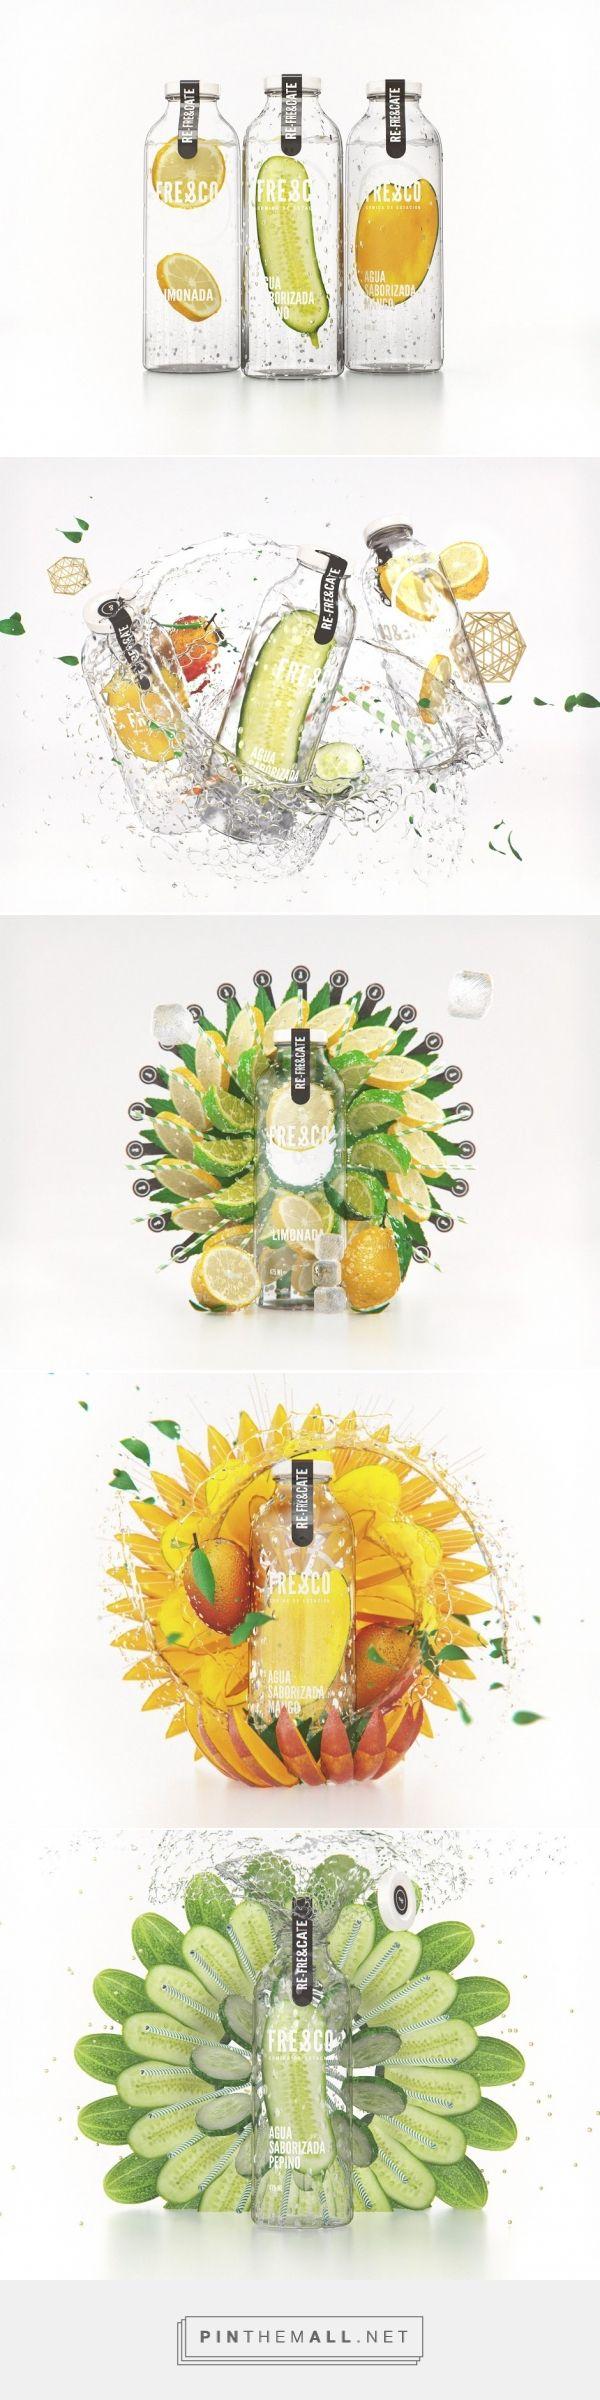 Fresco flavored water bottle designed by Estudio NK (Argentina) - http://www.packagingoftheworld.com/2016/03/fresco-bottles.html - created via https://pinthemall.net